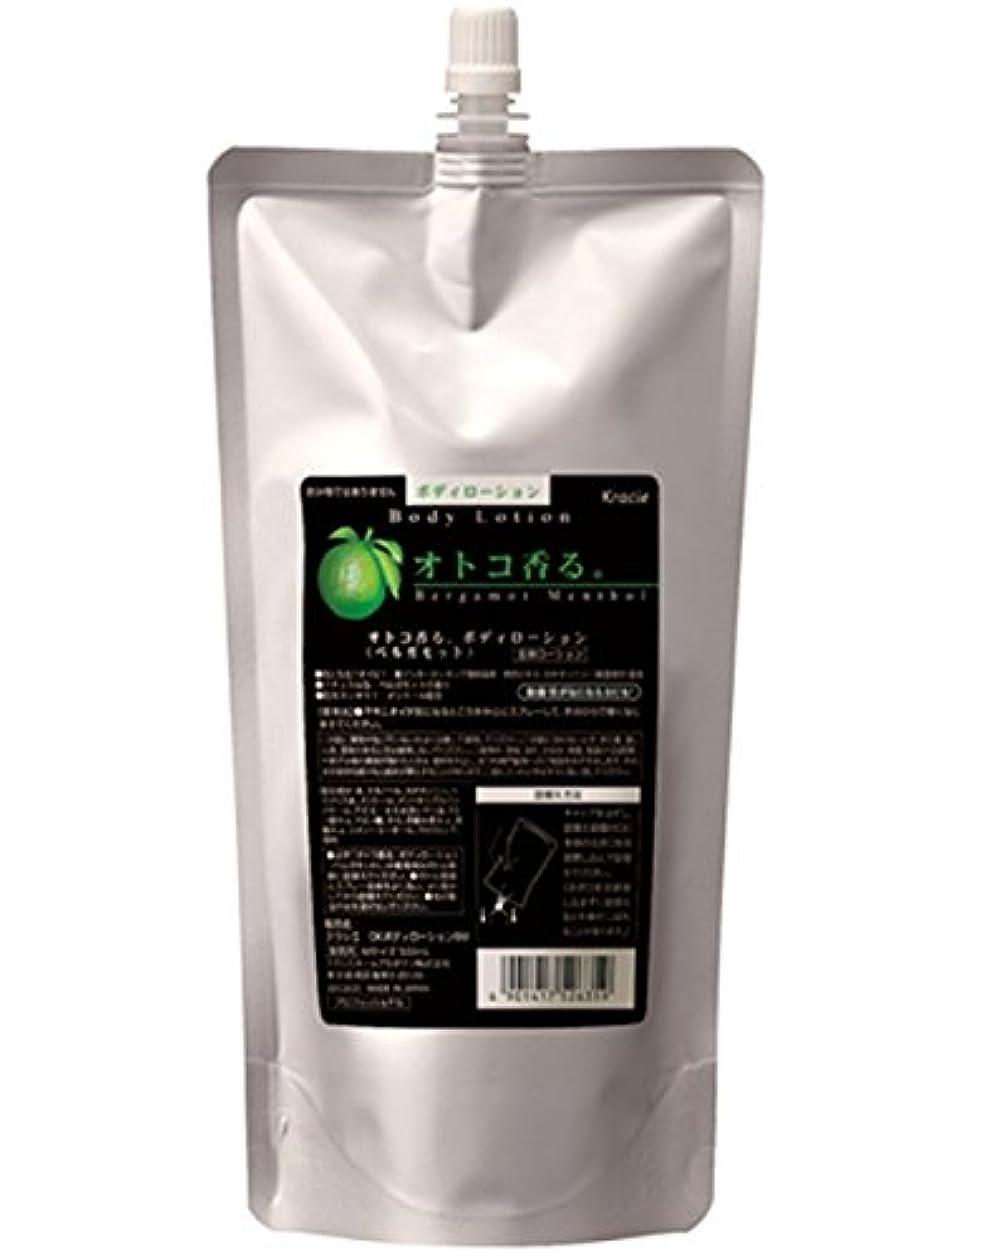 誤解する追放する性差別クラシエ オトコ香る ボディローション(ベルガモット) 500ml 詰替(レフィル)